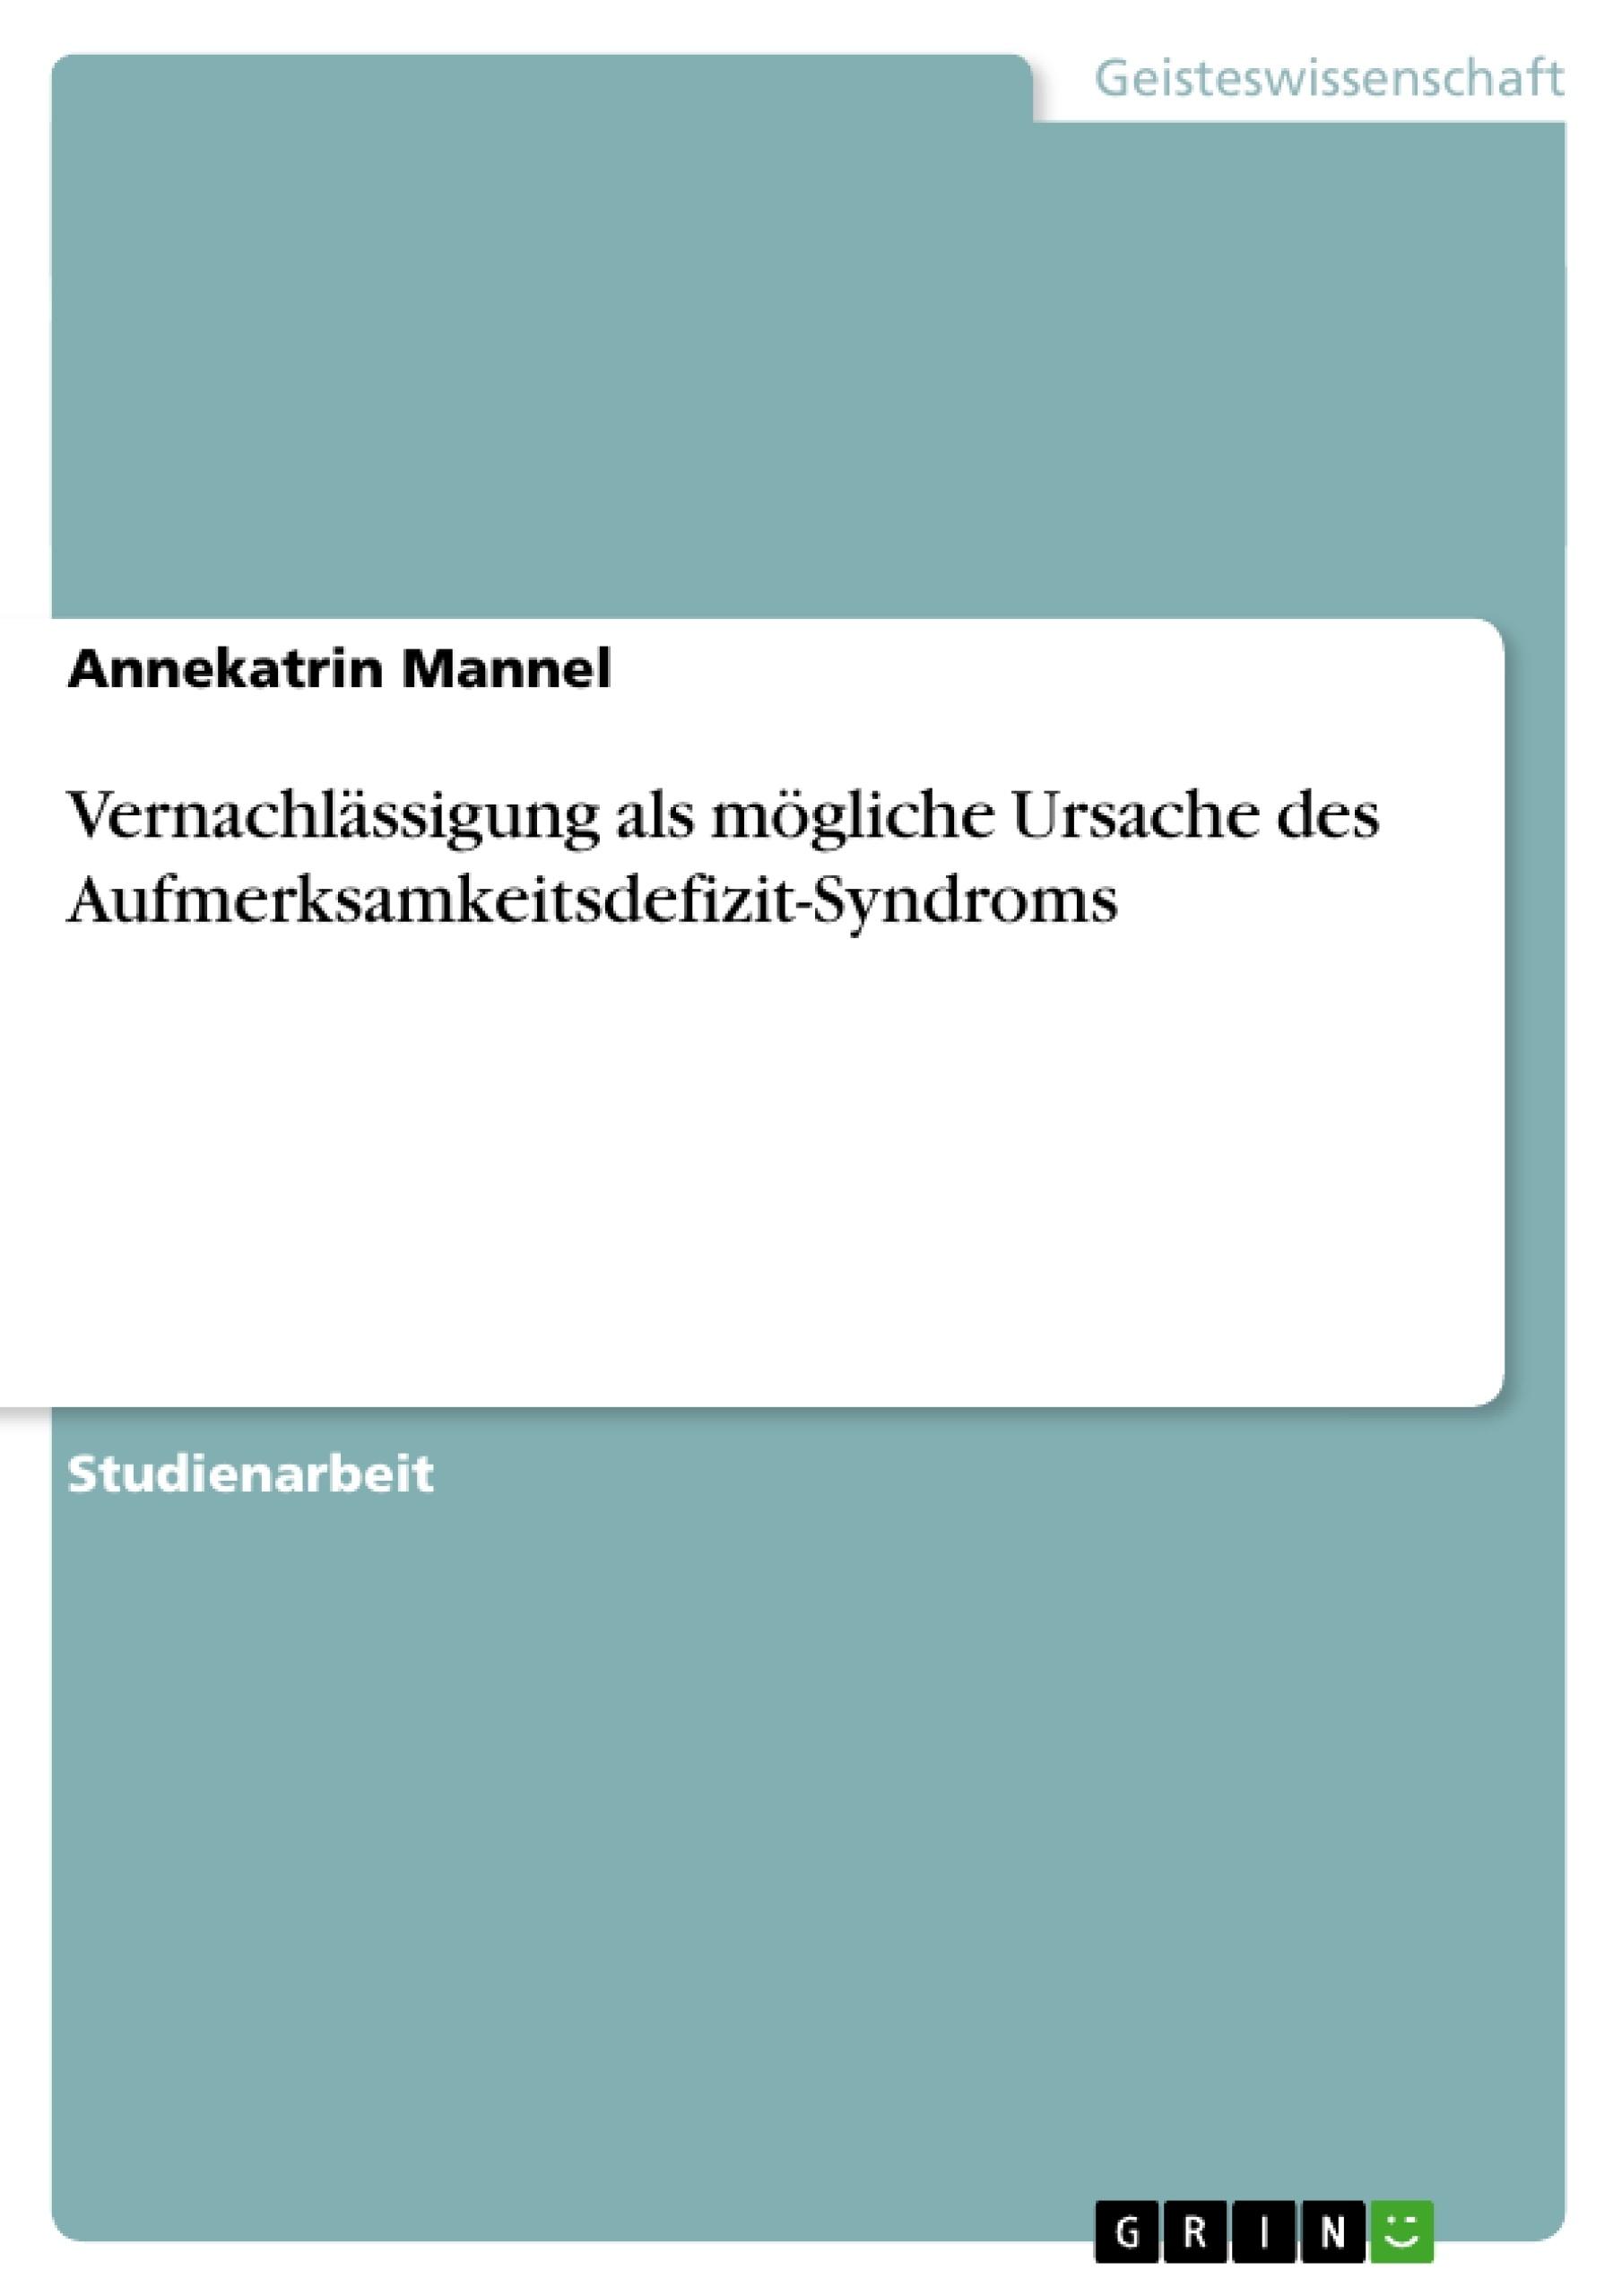 Titel: Vernachlässigung als mögliche Ursache des Aufmerksamkeitsdefizit-Syndroms